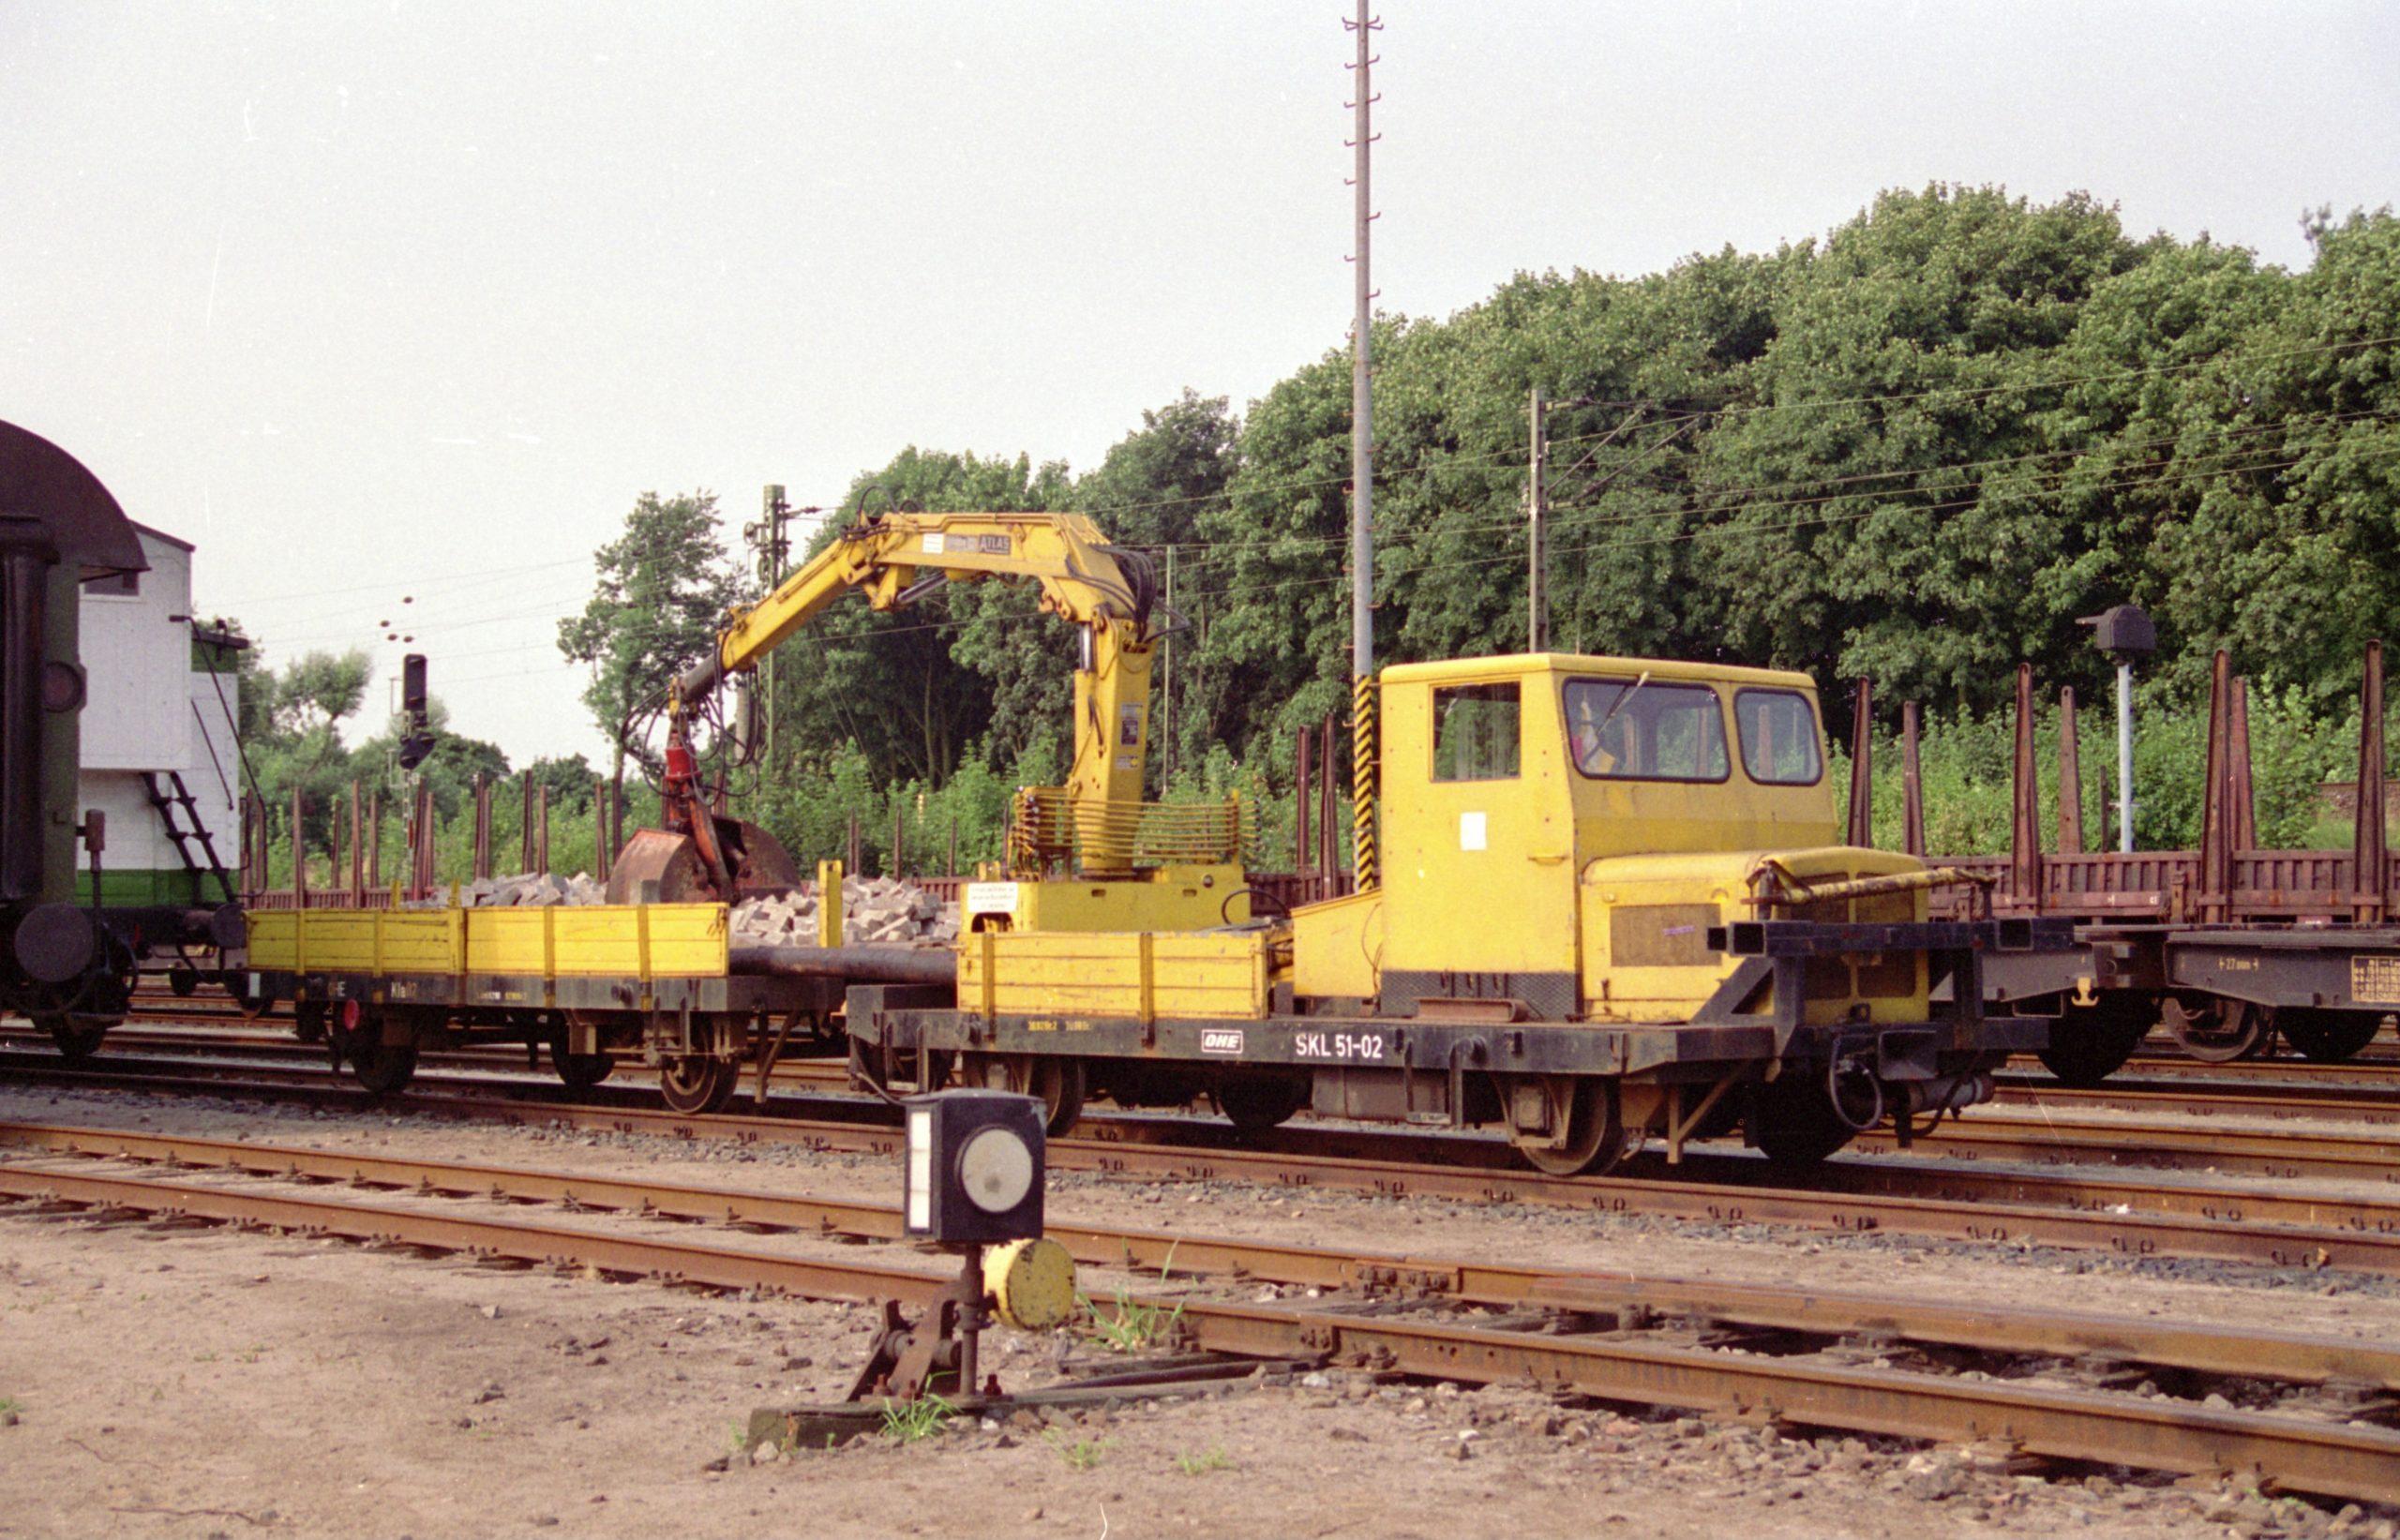 Skl 51-02